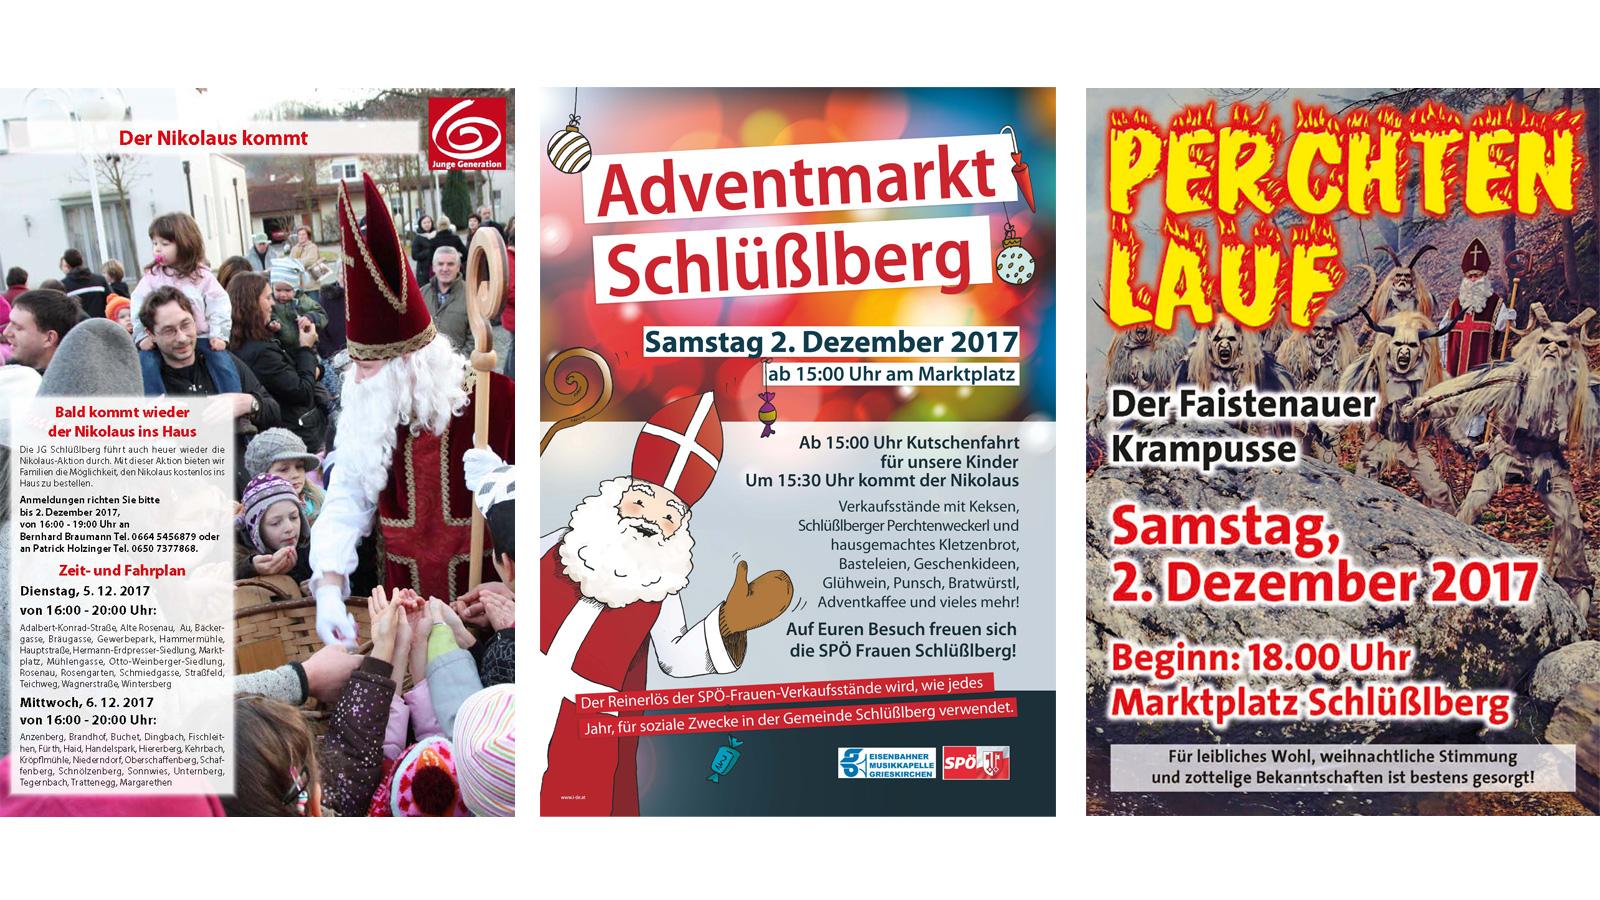 Freundschaft & Unternehmungen in Lchingen